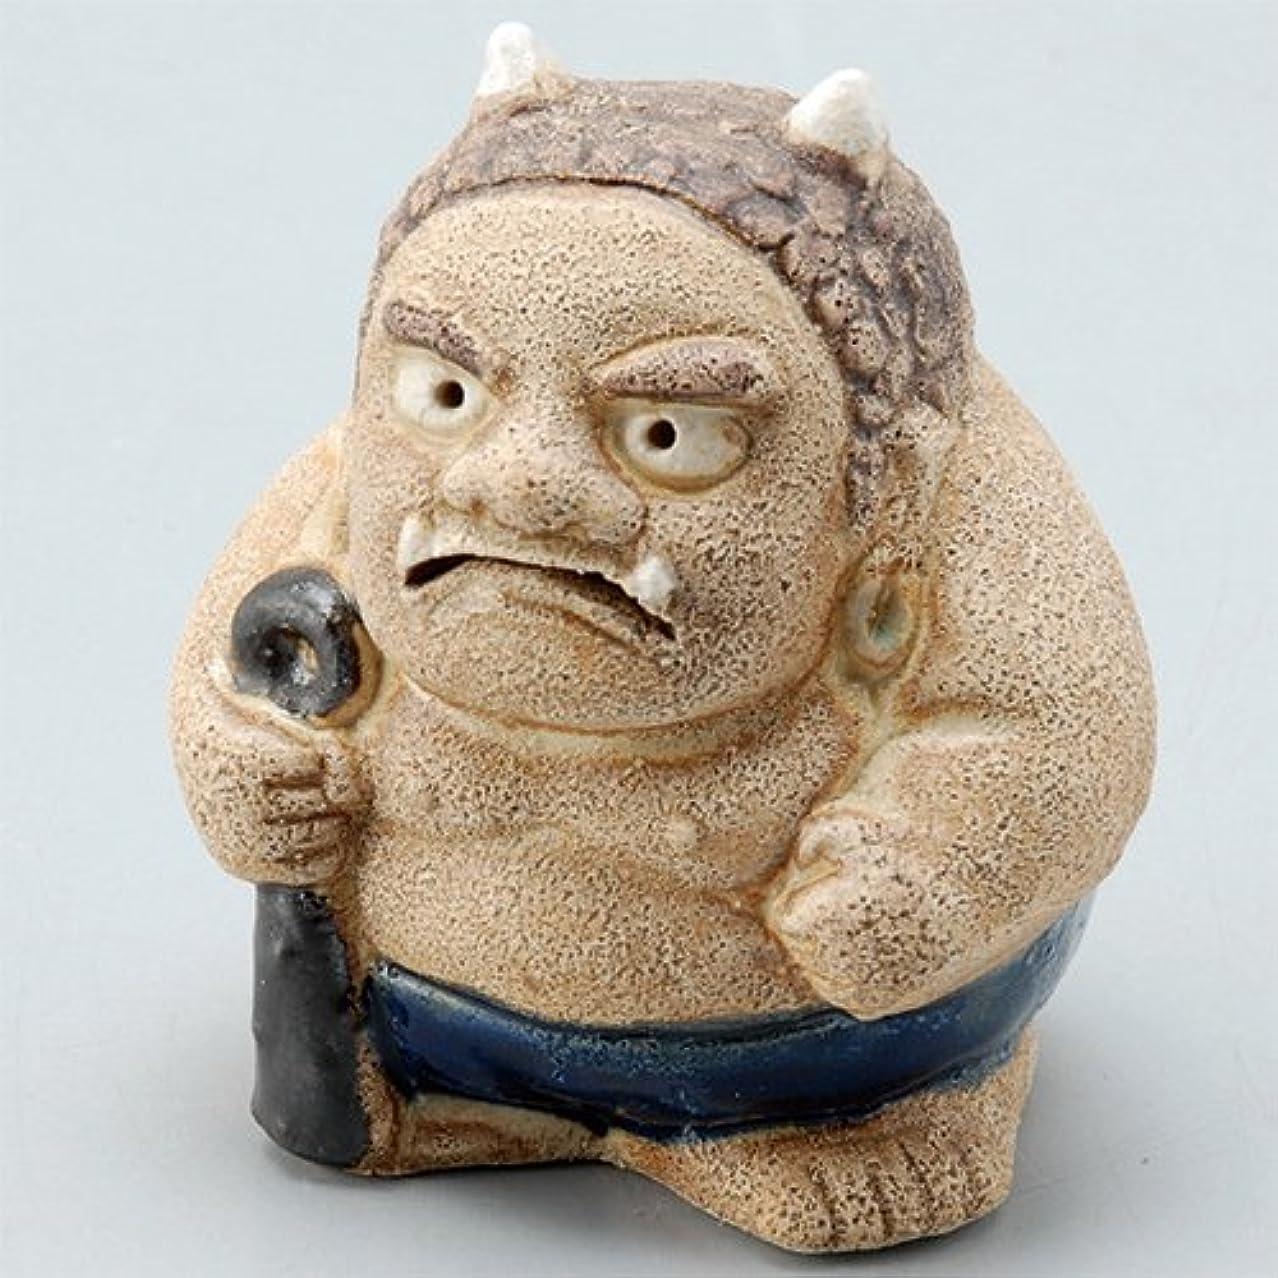 遊びますアーティストレザー香炉 飾り香炉(福鬼) [H6.8cm] HANDMADE プレゼント ギフト 和食器 かわいい インテリア